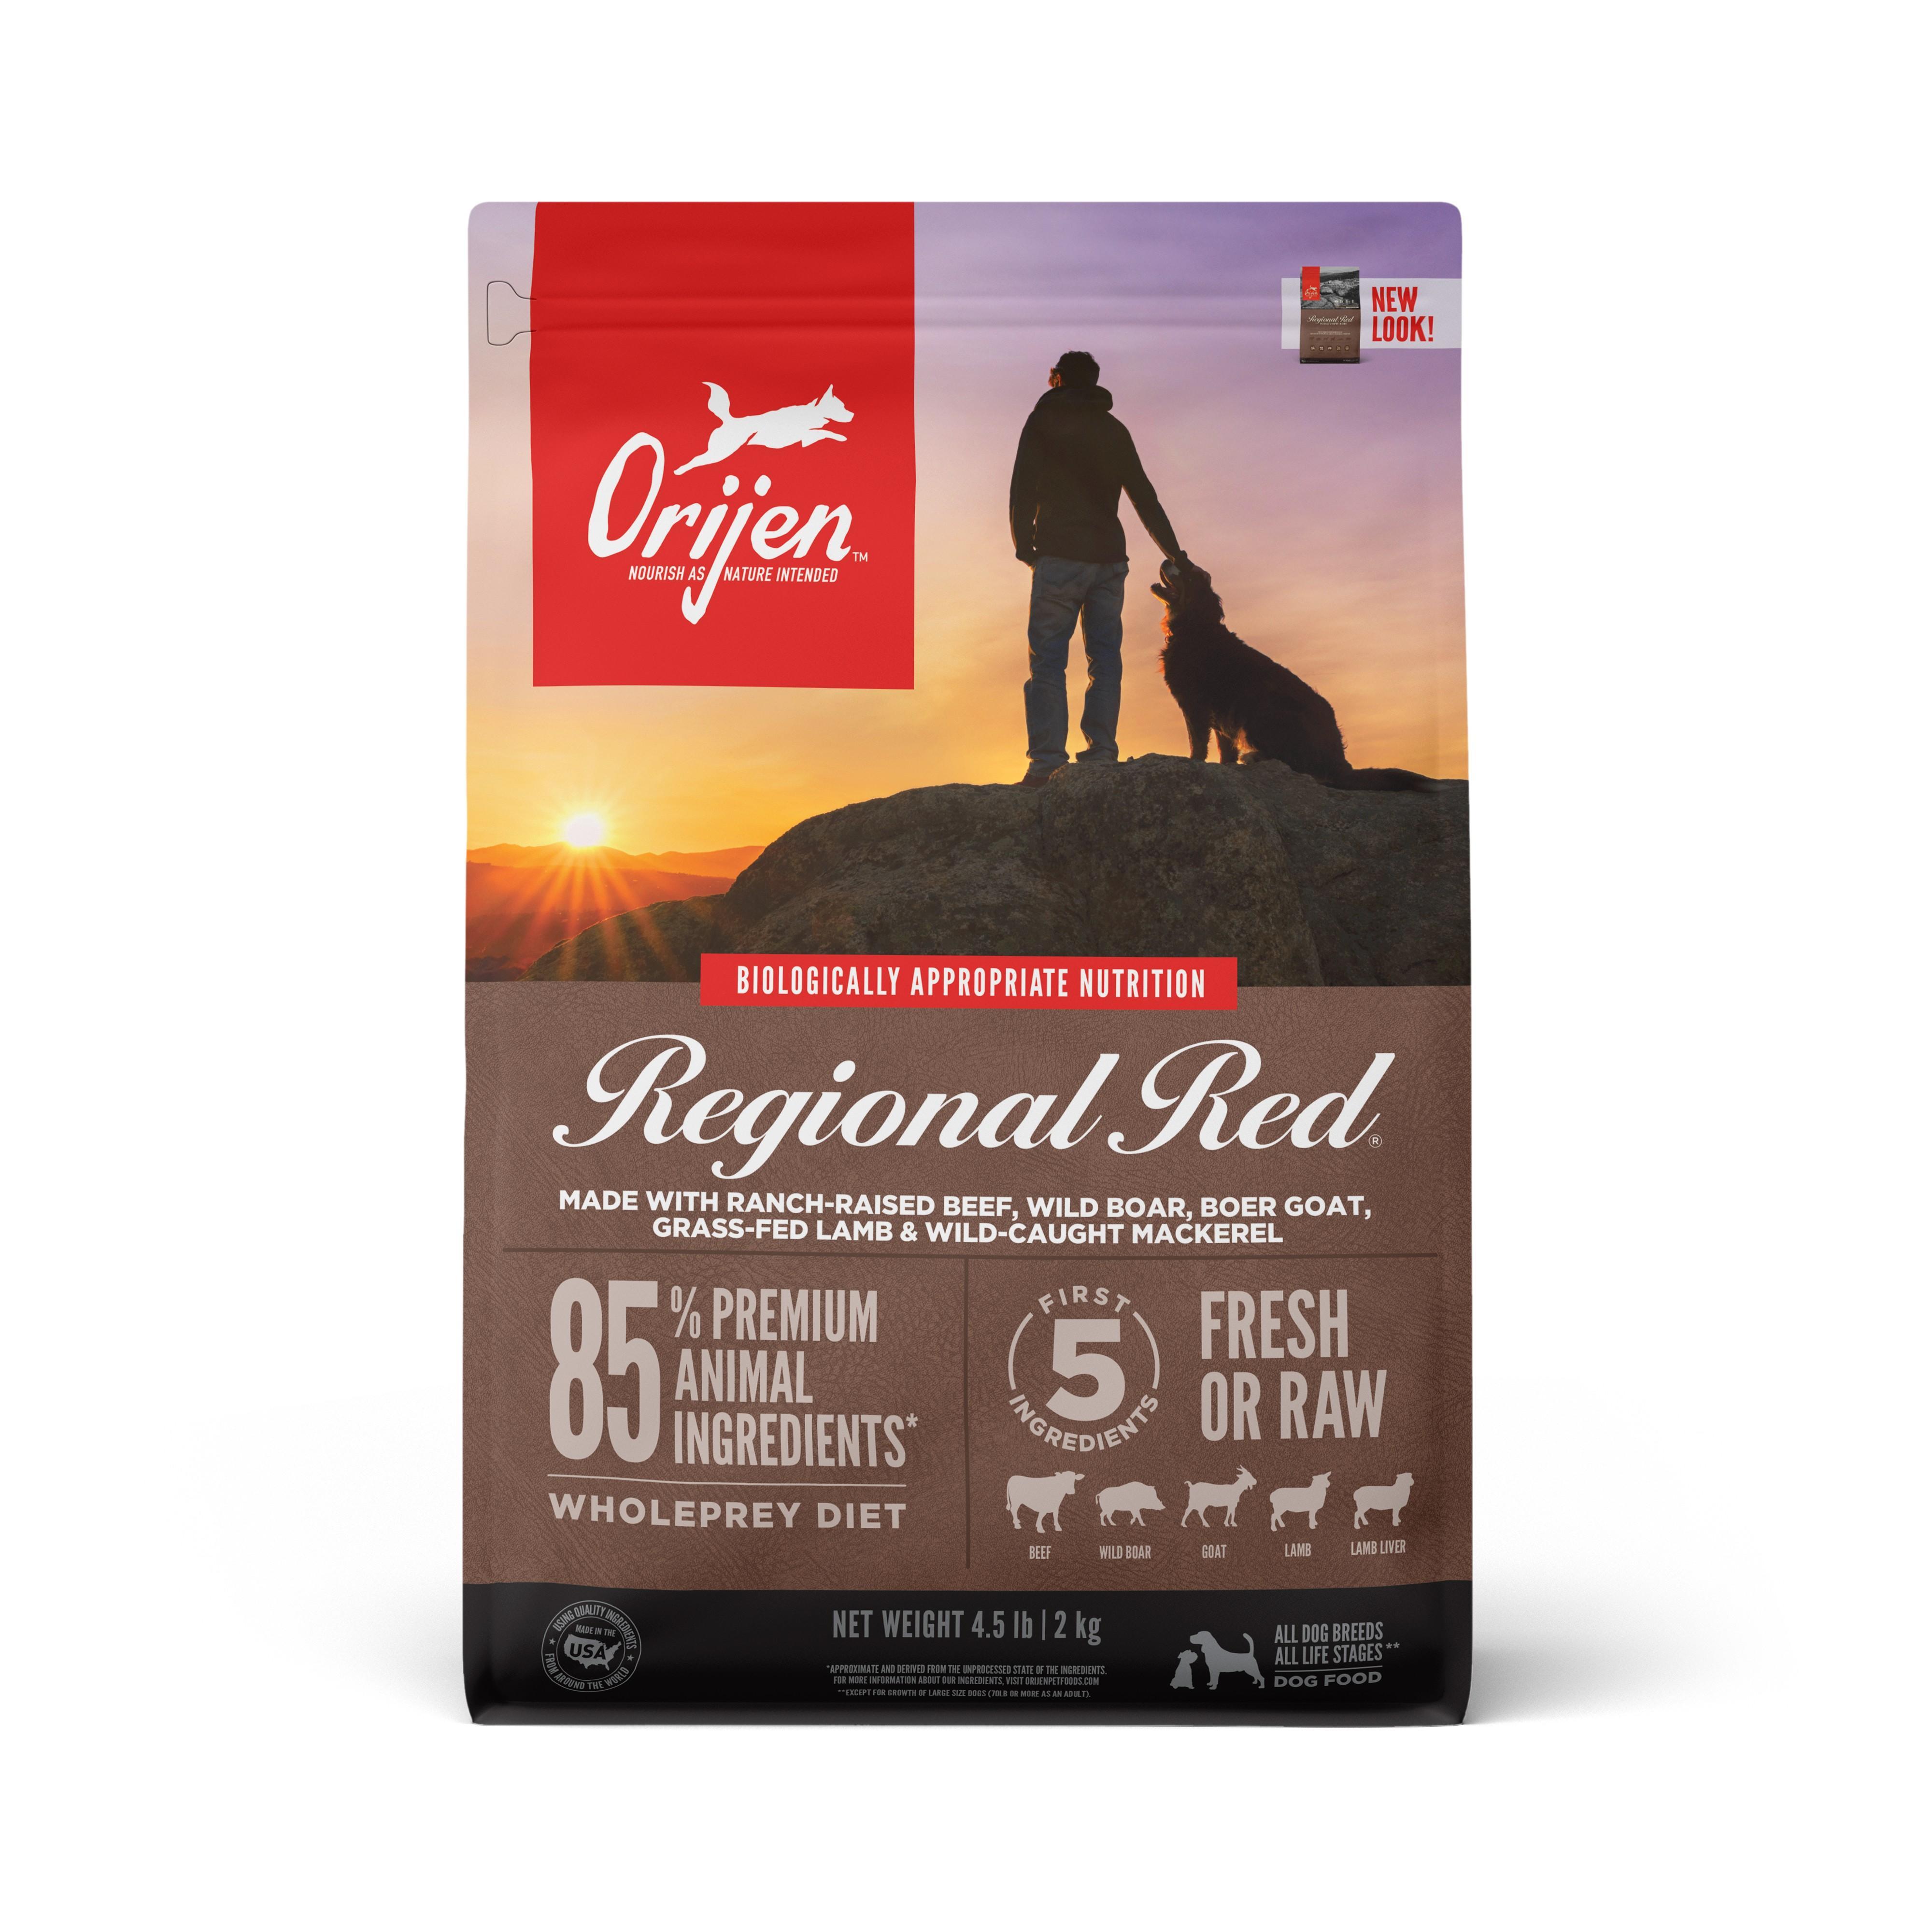 ORIJEN Regional Red Grain-Free Dry Dog Food Image